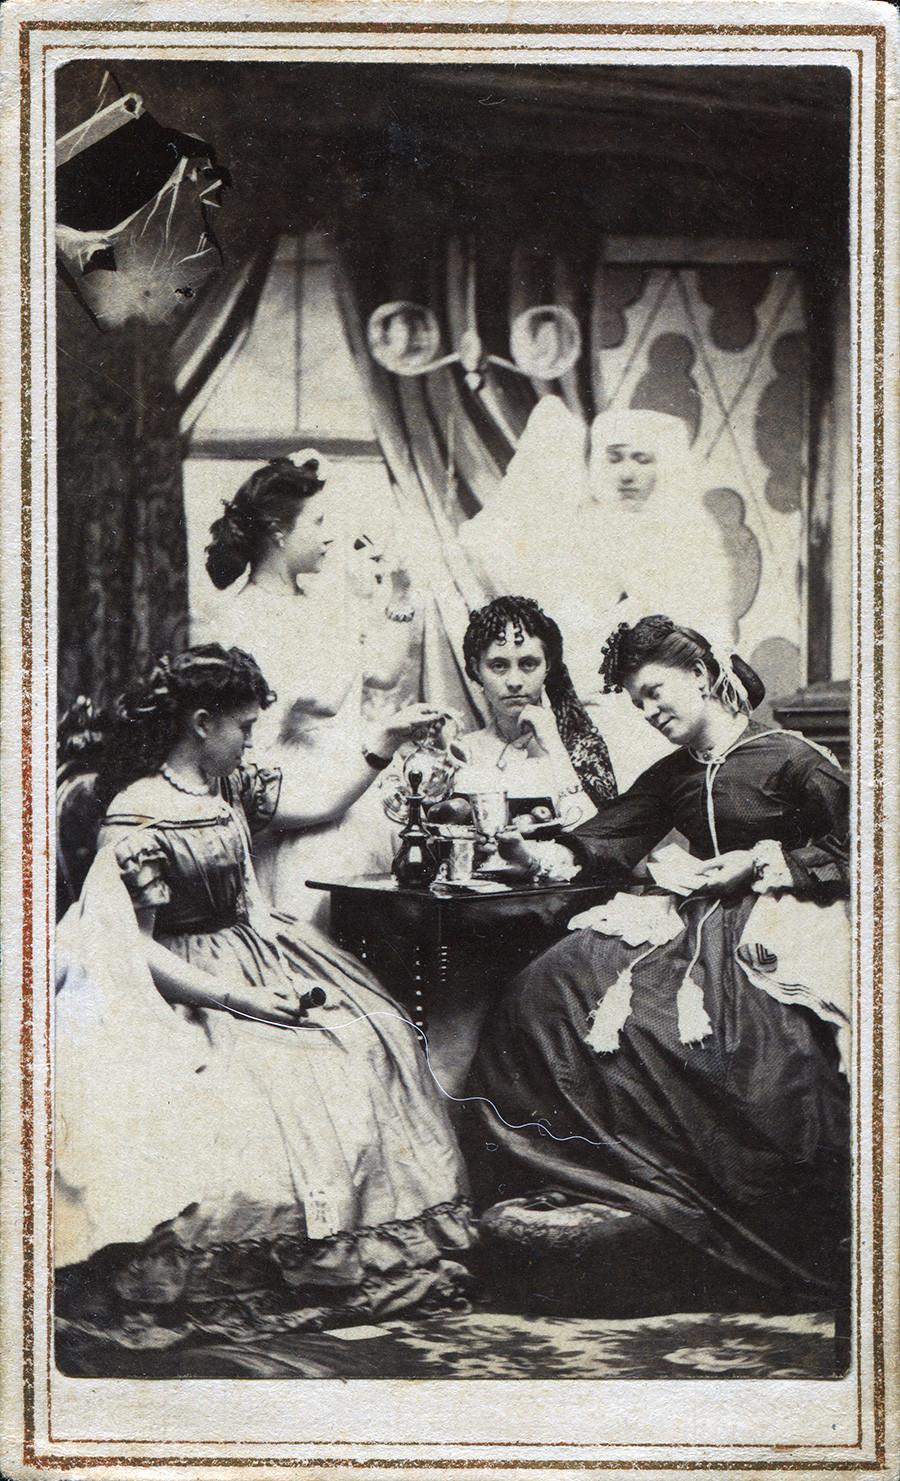 Une carte de visite représentant une réunion de jeunes femmes dans un parloir, avec une silhouette fantomatique en arrière-plan, aux États-Unis vers 1860